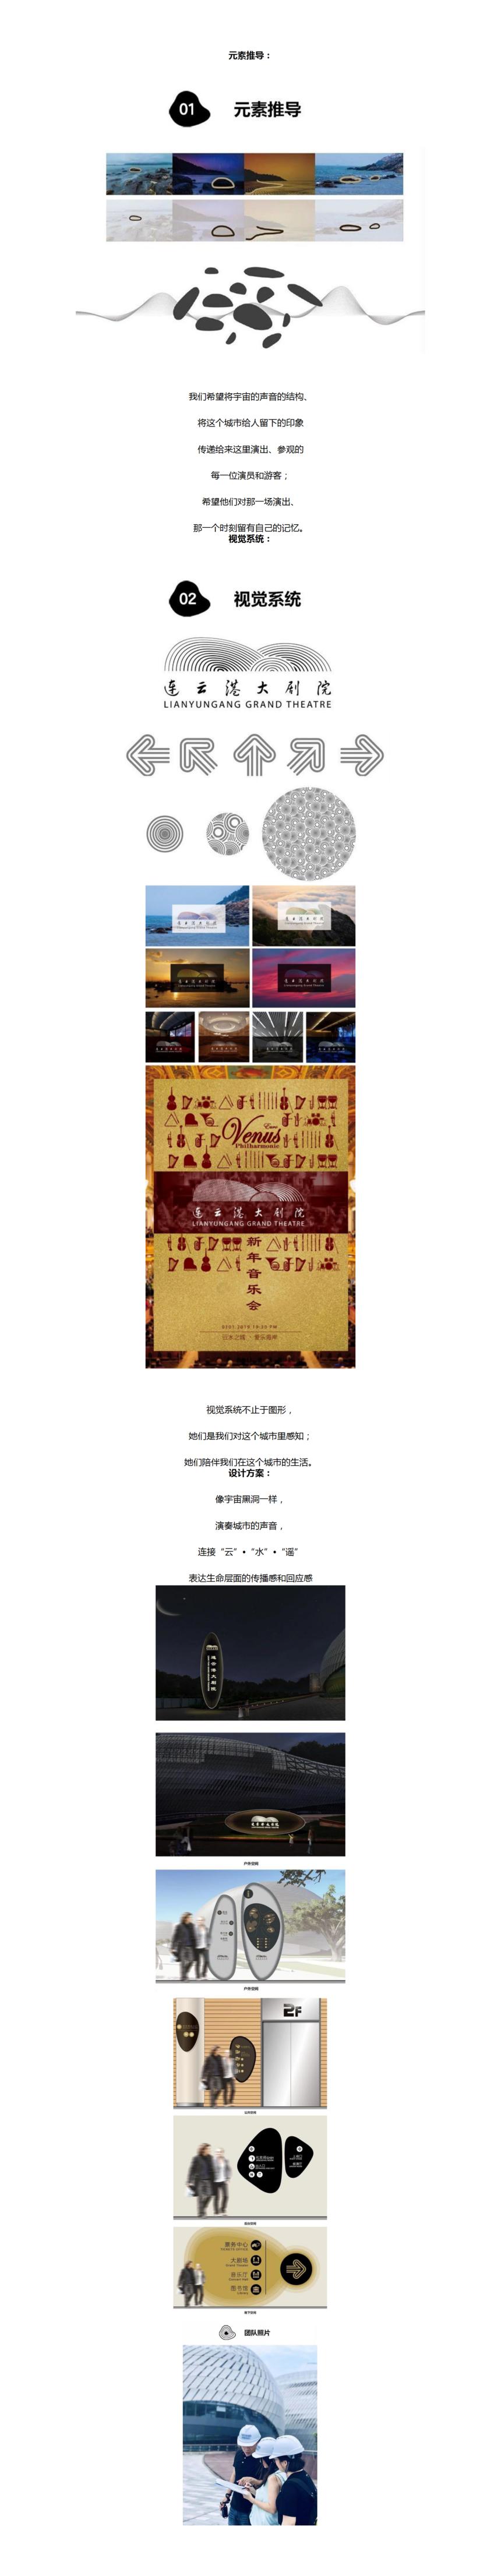 连云港大剧院.png